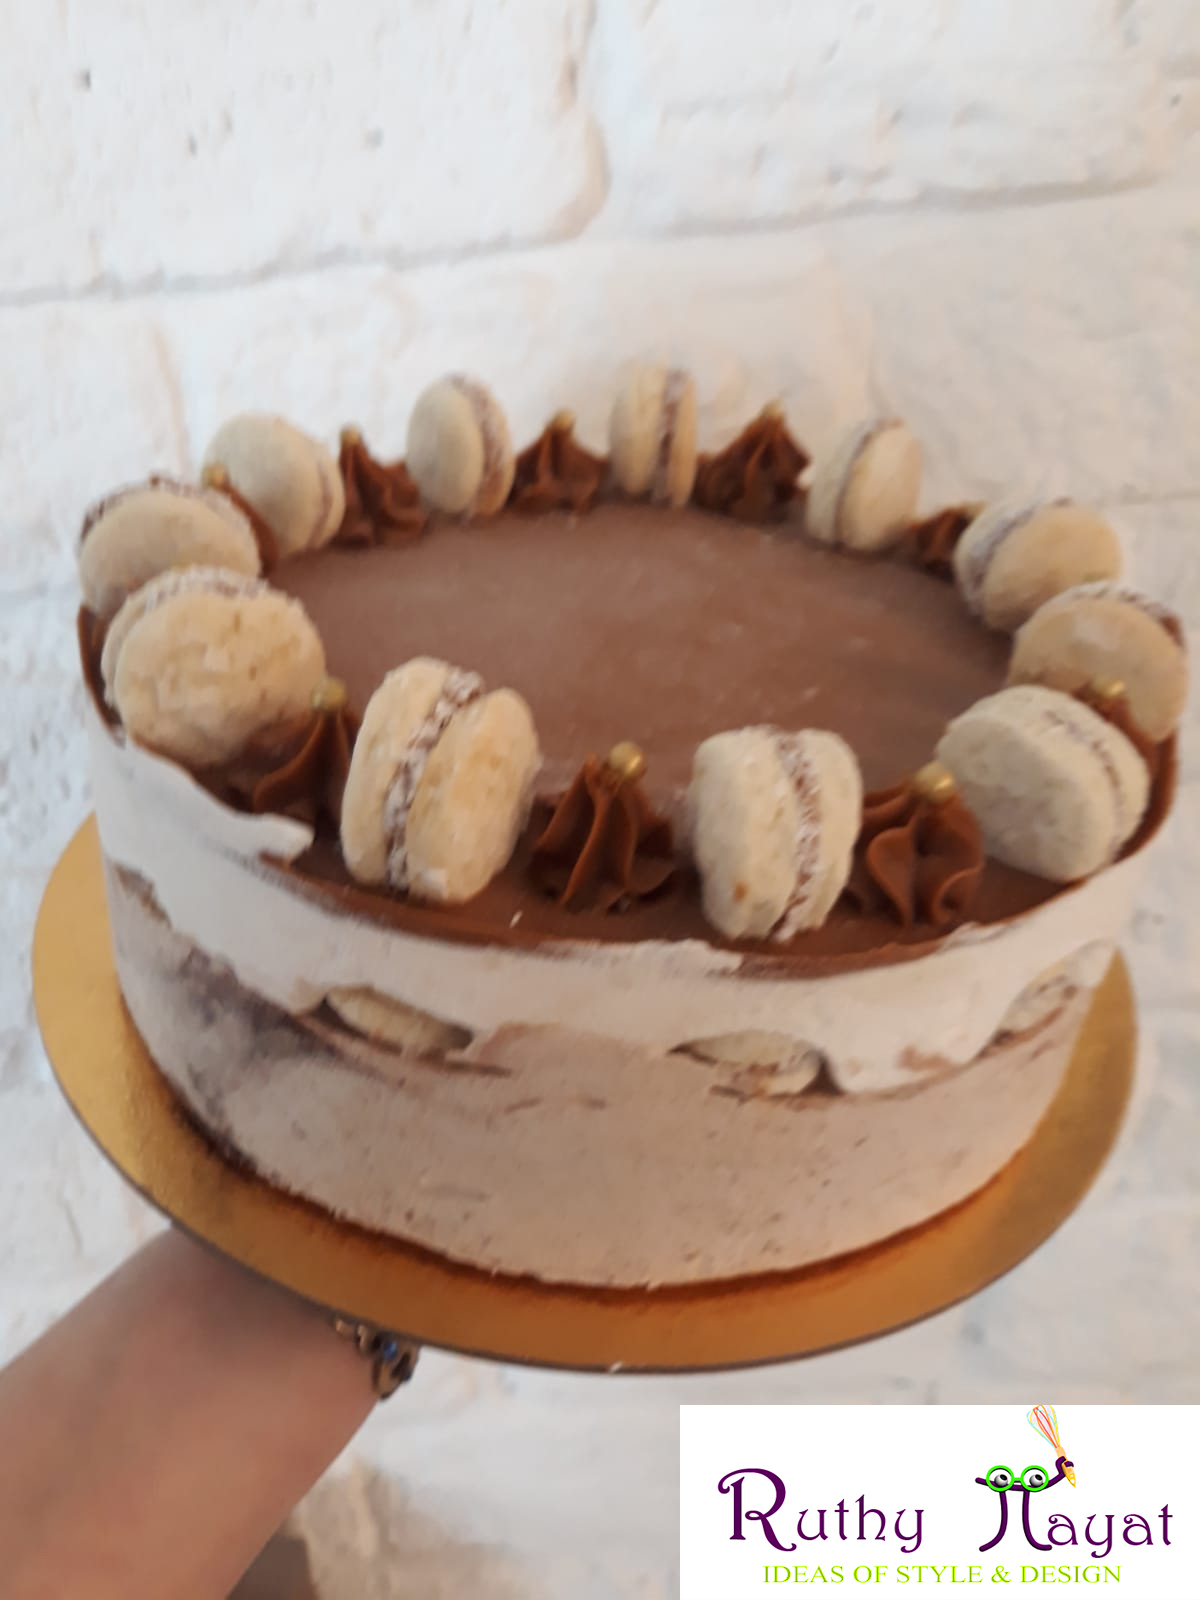 Untitled 3 - עוגת מוס אלפחורס פרווה